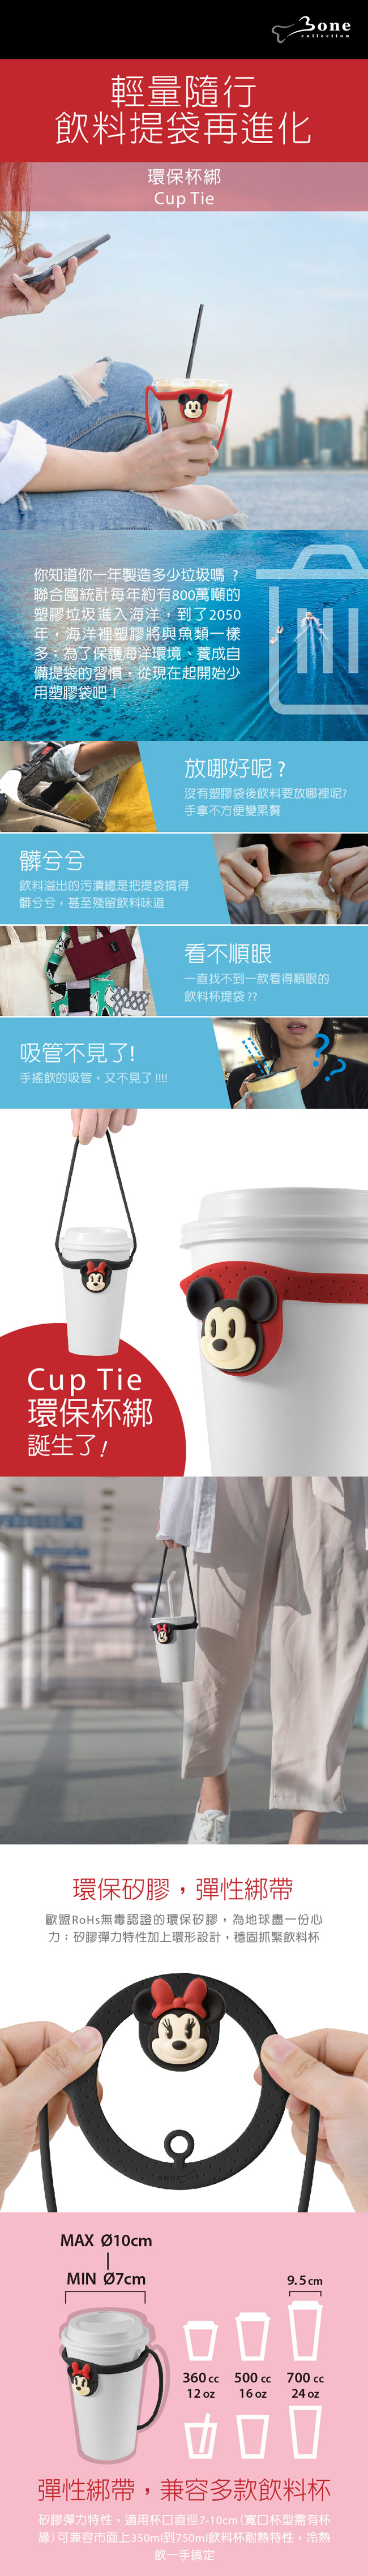 (複製)Bone | Cup Tie 環保矽膠飲料杯綁 - 雪寶